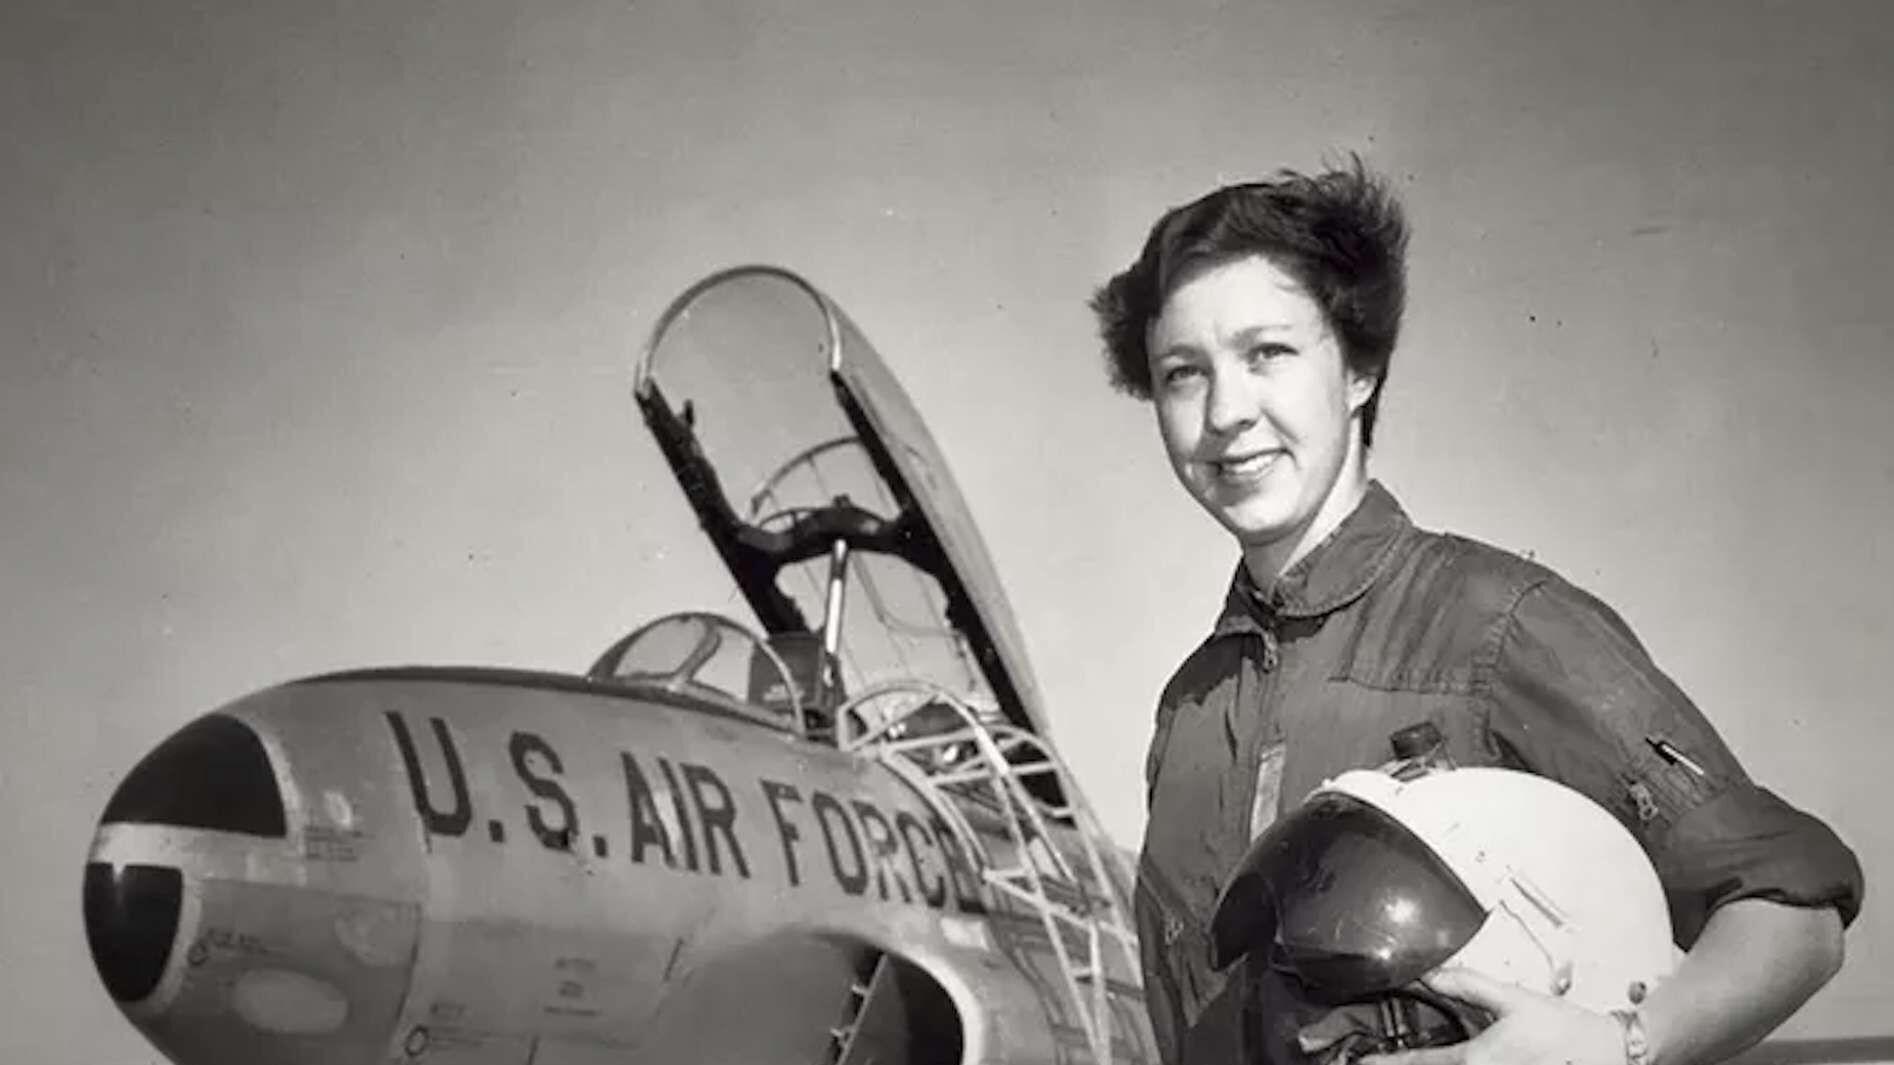 L'histoire de Wally Funk, figure pionnière de l'aviation, relate de la difficulté pour les femmes de se faire une place dans le monde il y a quelques décennies.